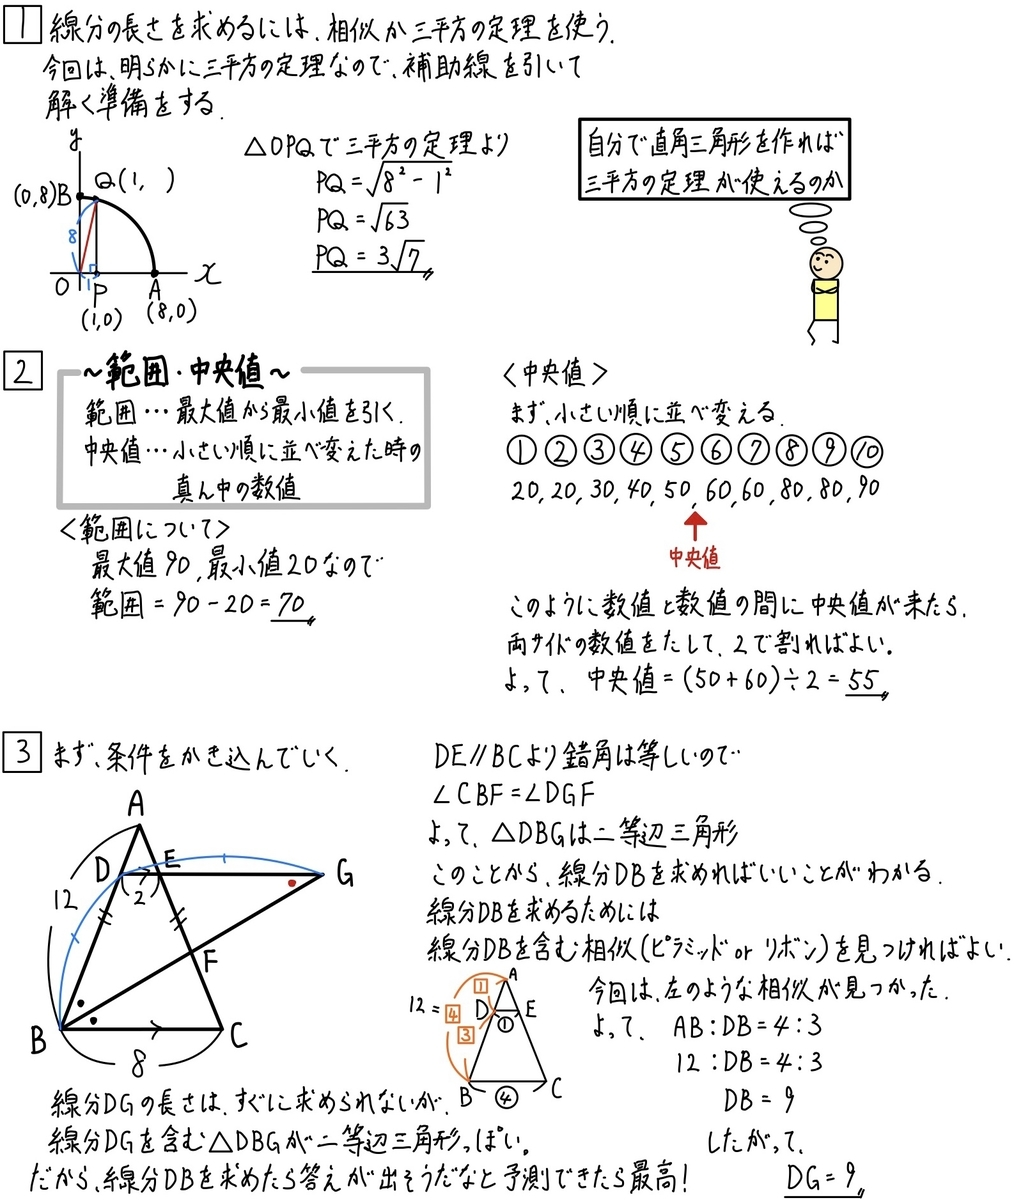 偏差値50突破への道No.15